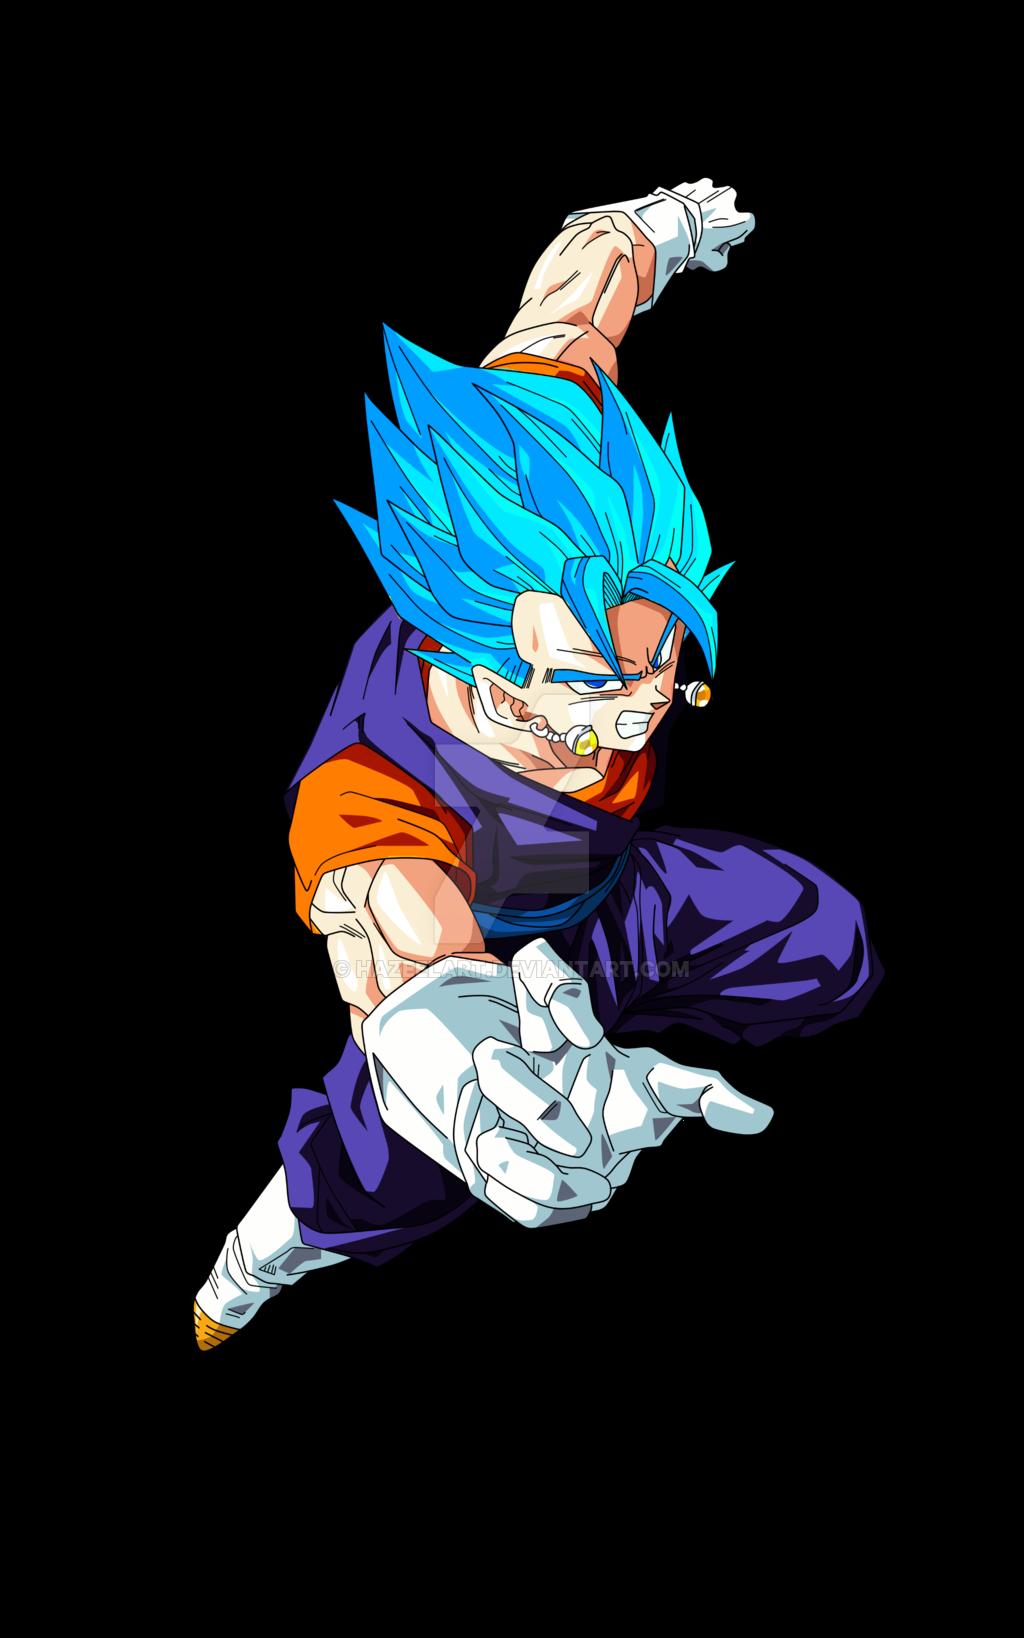 4816447 8809459680 Vegit Png 1024 1638 Dragon Ball Goku Anime Dragon Ball Dragon Ball Z